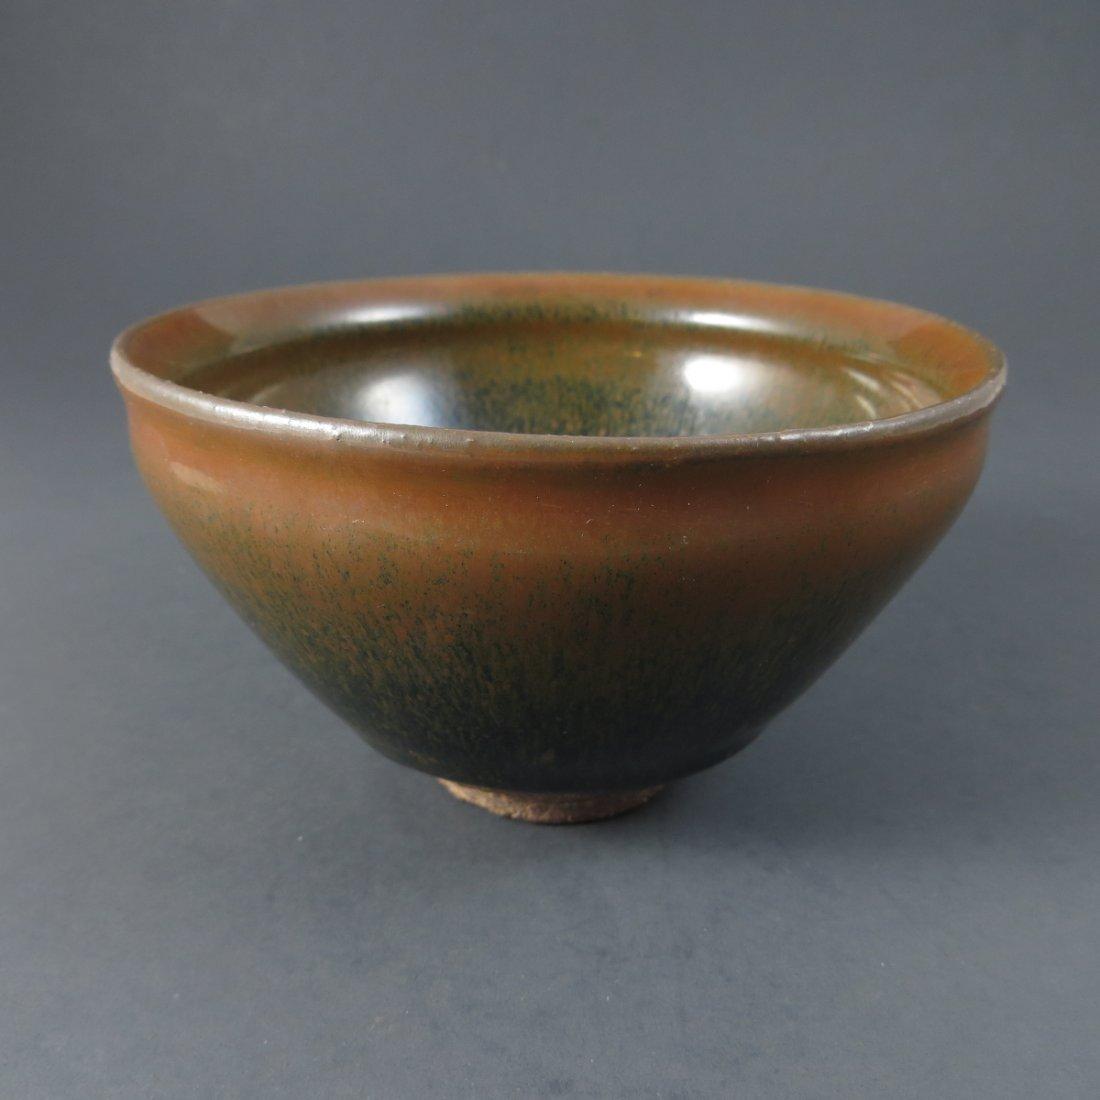 Chinese Song Dynasty JianYao Bowl